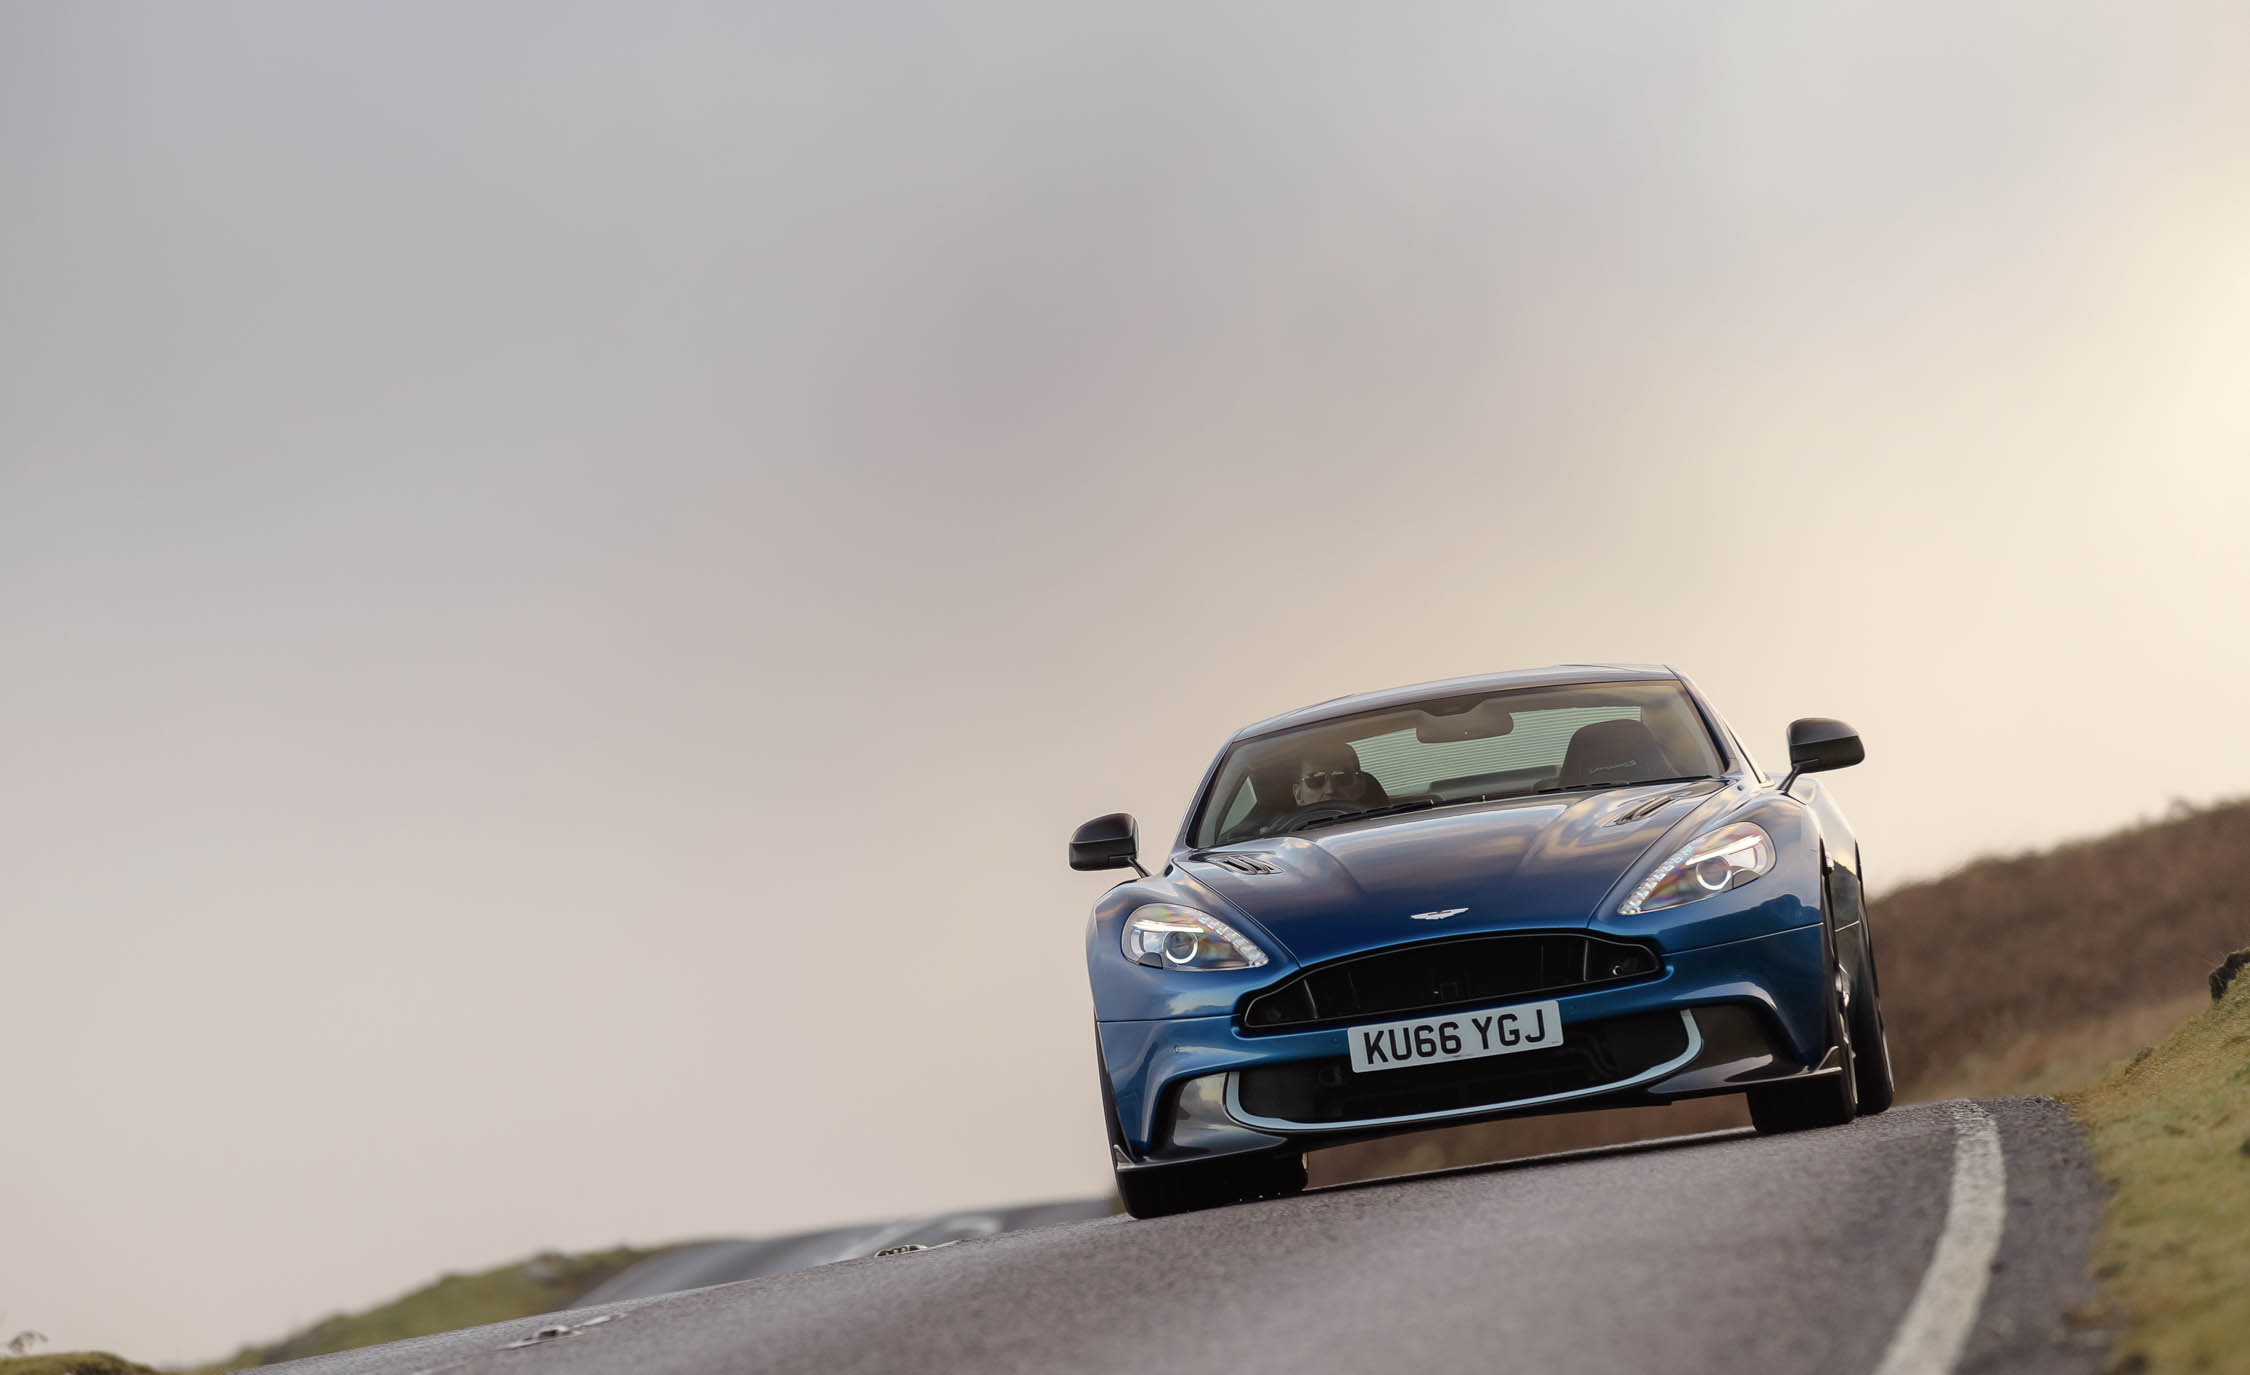 2017 Aston Martin Vanquish S (View 11 of 30)